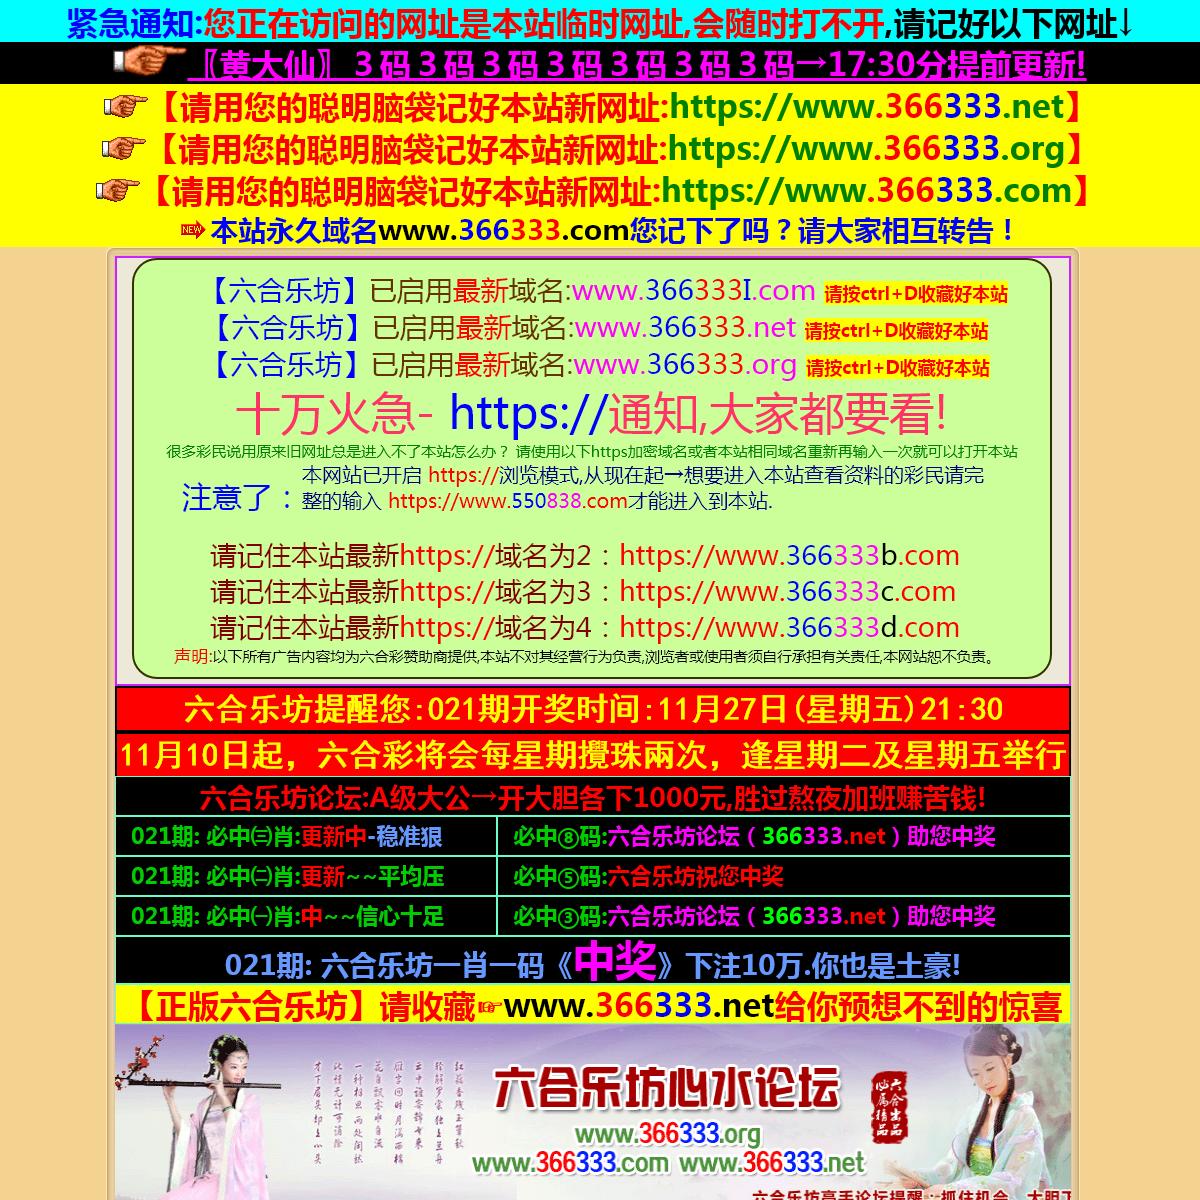 正版挂牌、香港挂牌之全篇记录、香港挂牌都不会出、挂牌玄机彩图